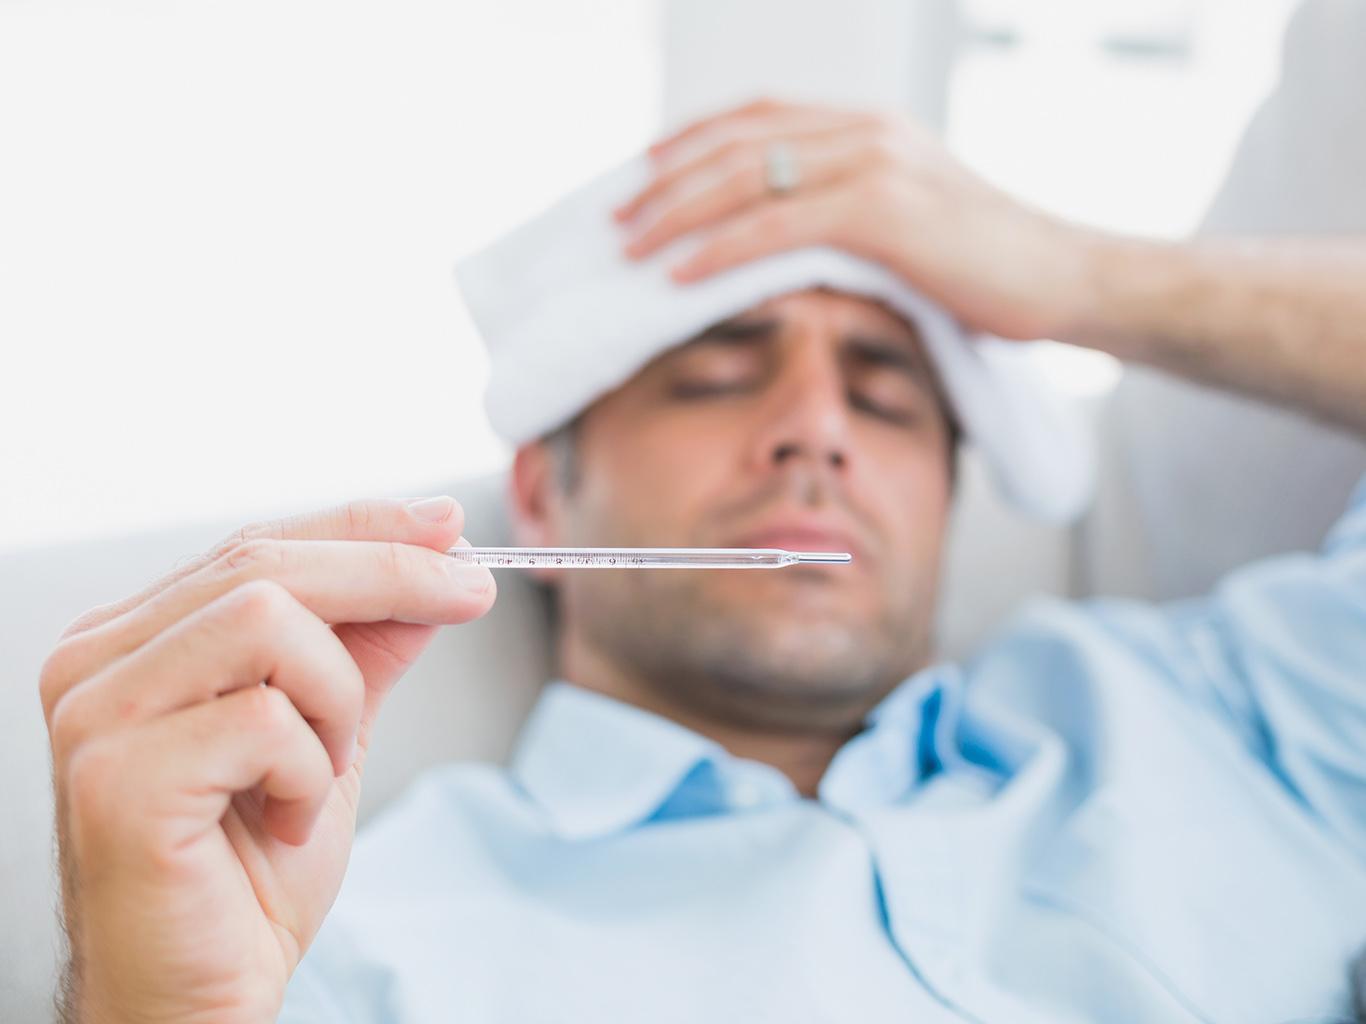 Как не заболеть гриппом? Профилактика заболевания